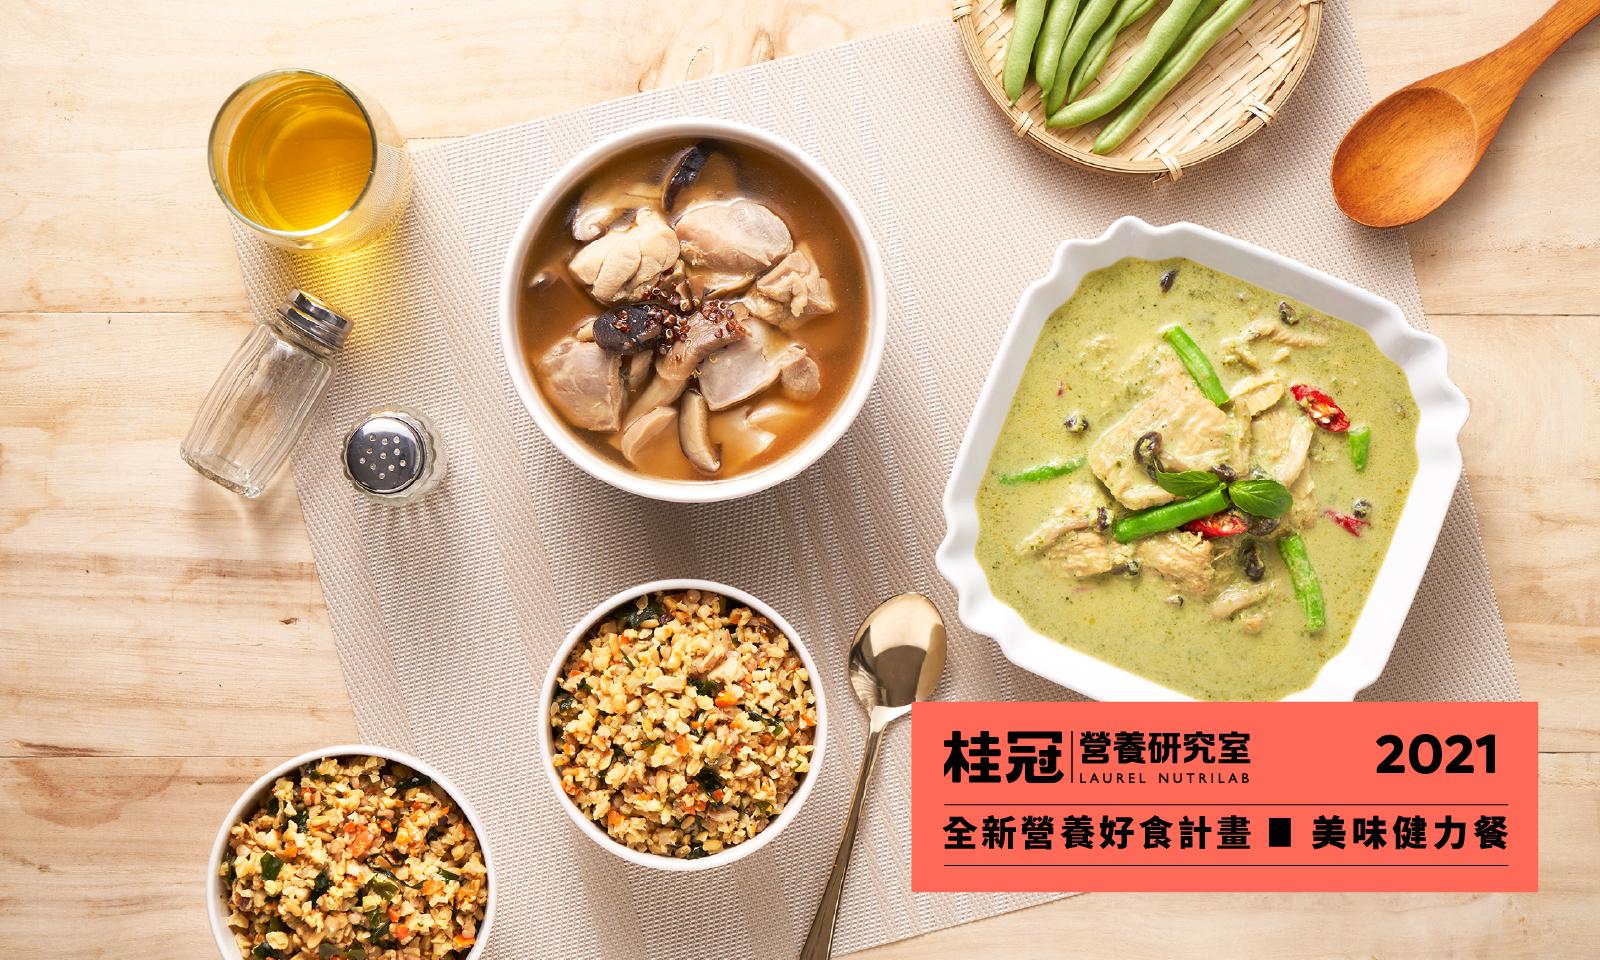 桂冠營養研究室 2021 營養好食計畫|美味健力餐